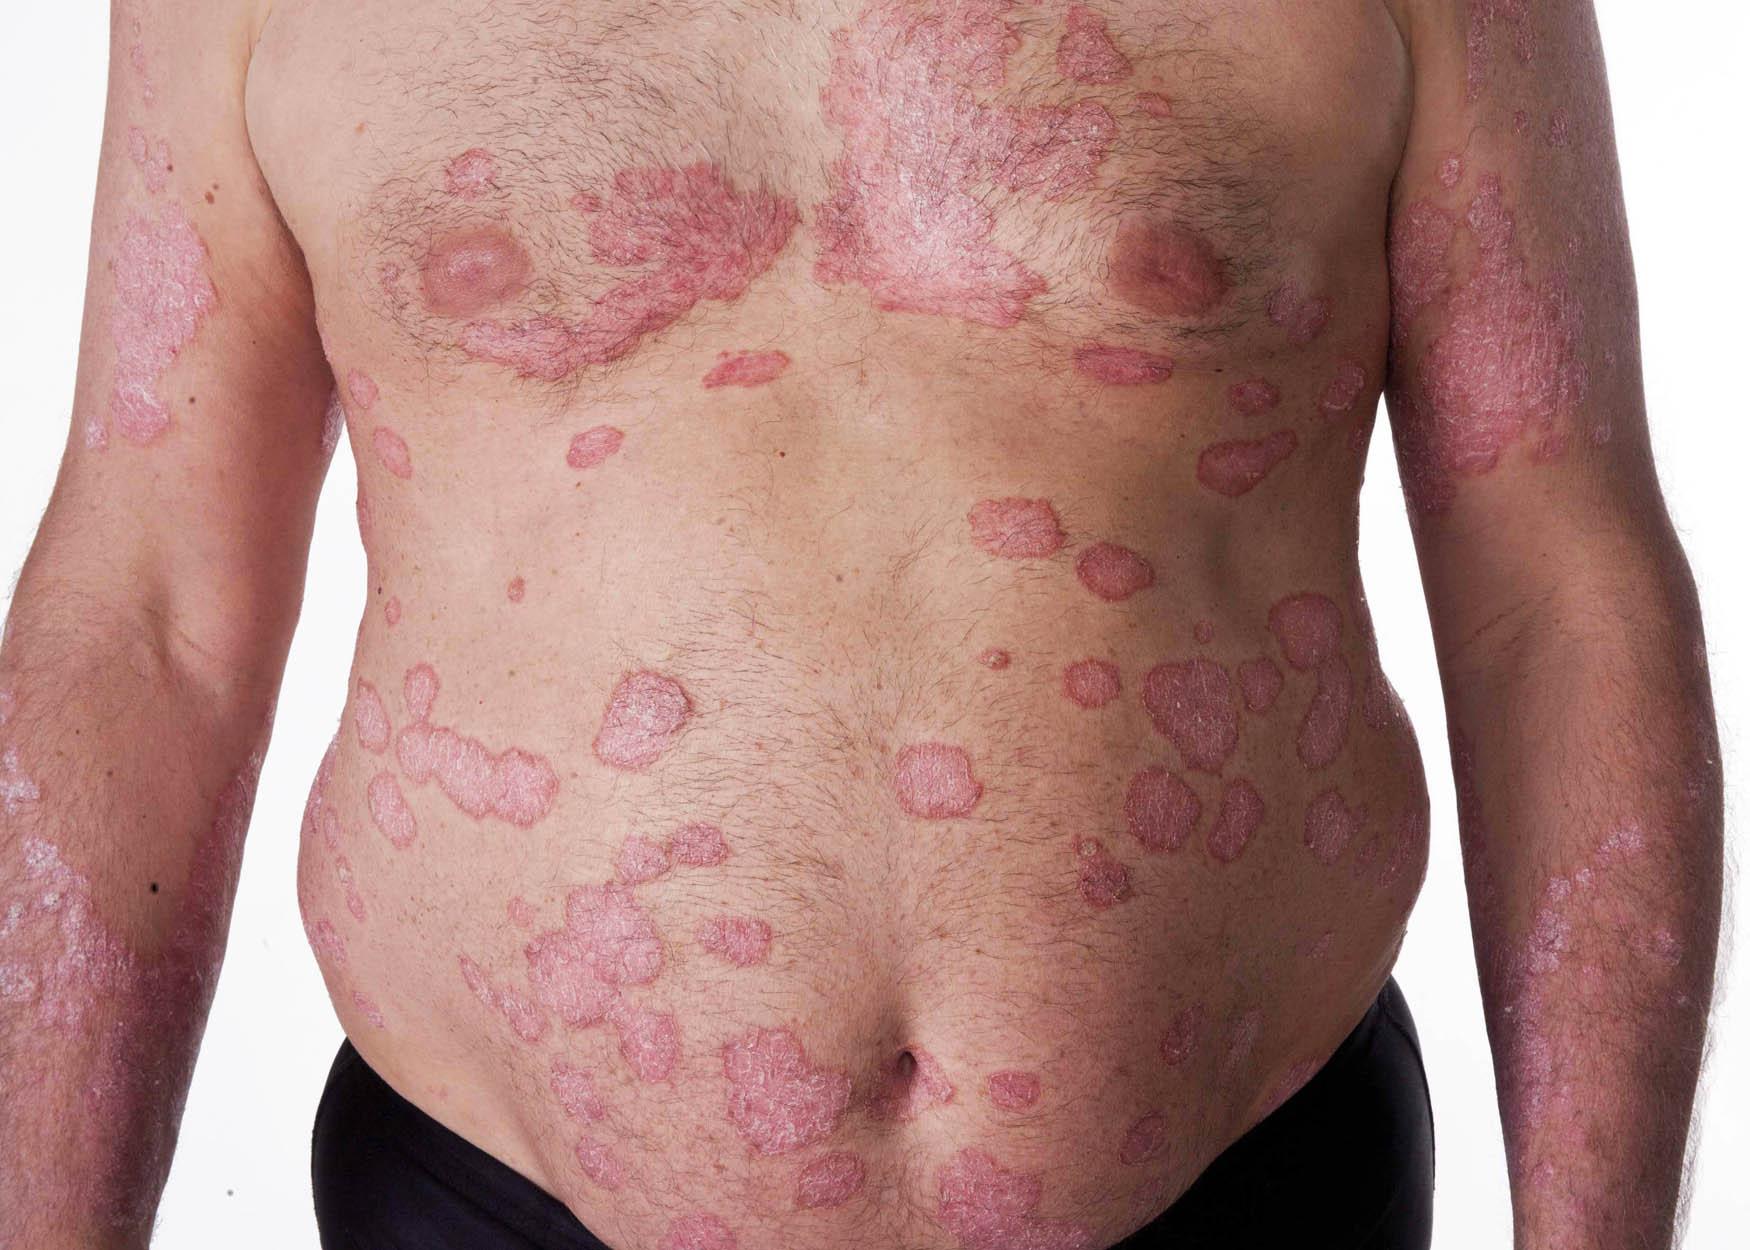 Le tableau clinique des formes du psoriasis